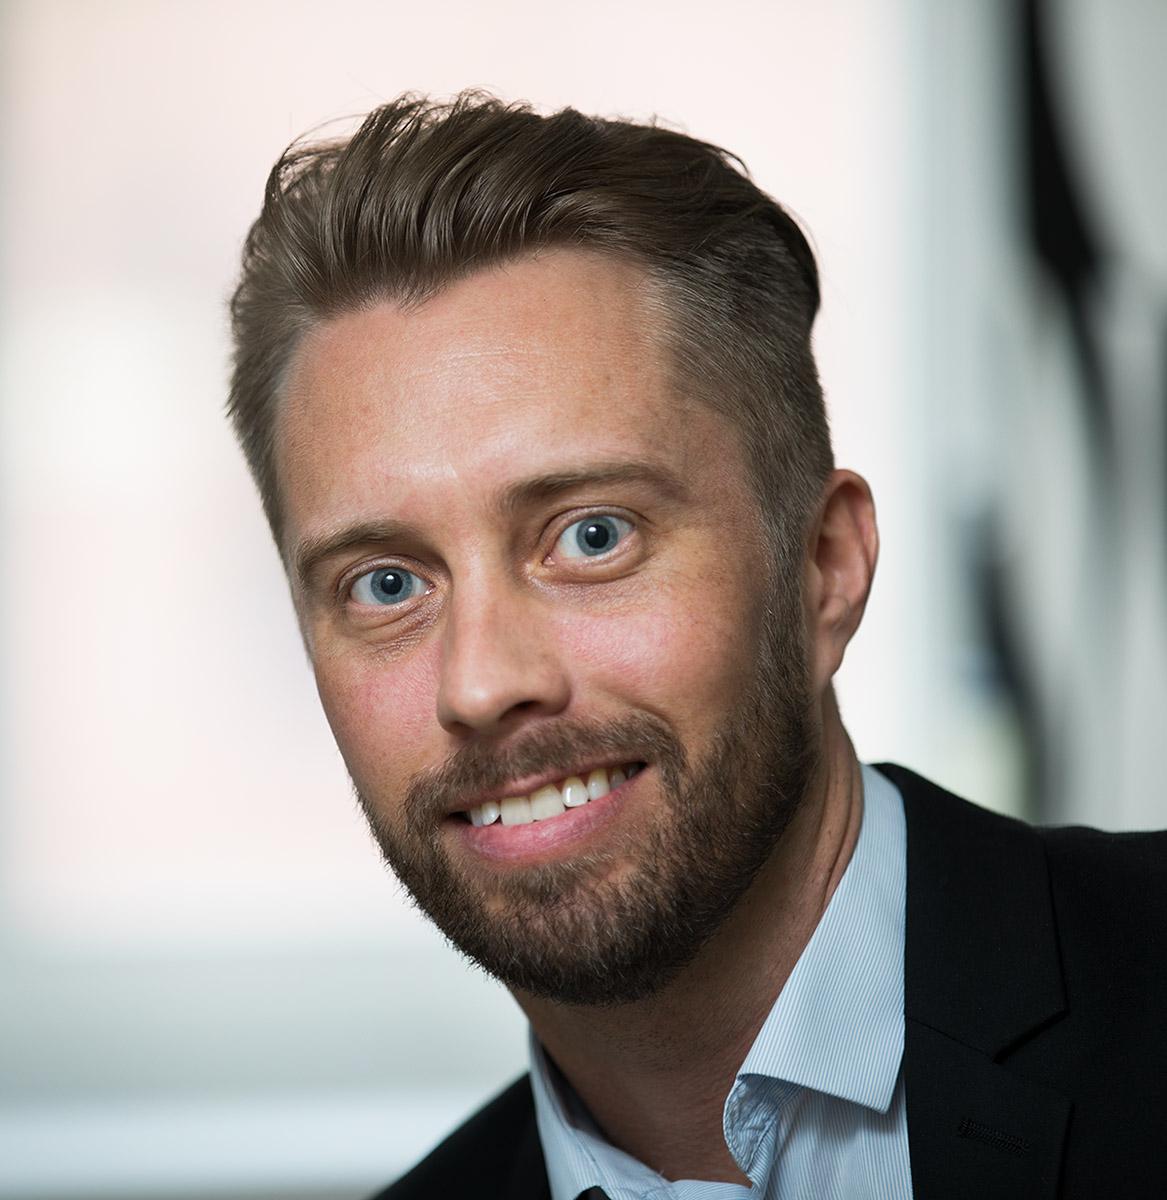 Självporträtt, Fotograf Markus P i Örebro